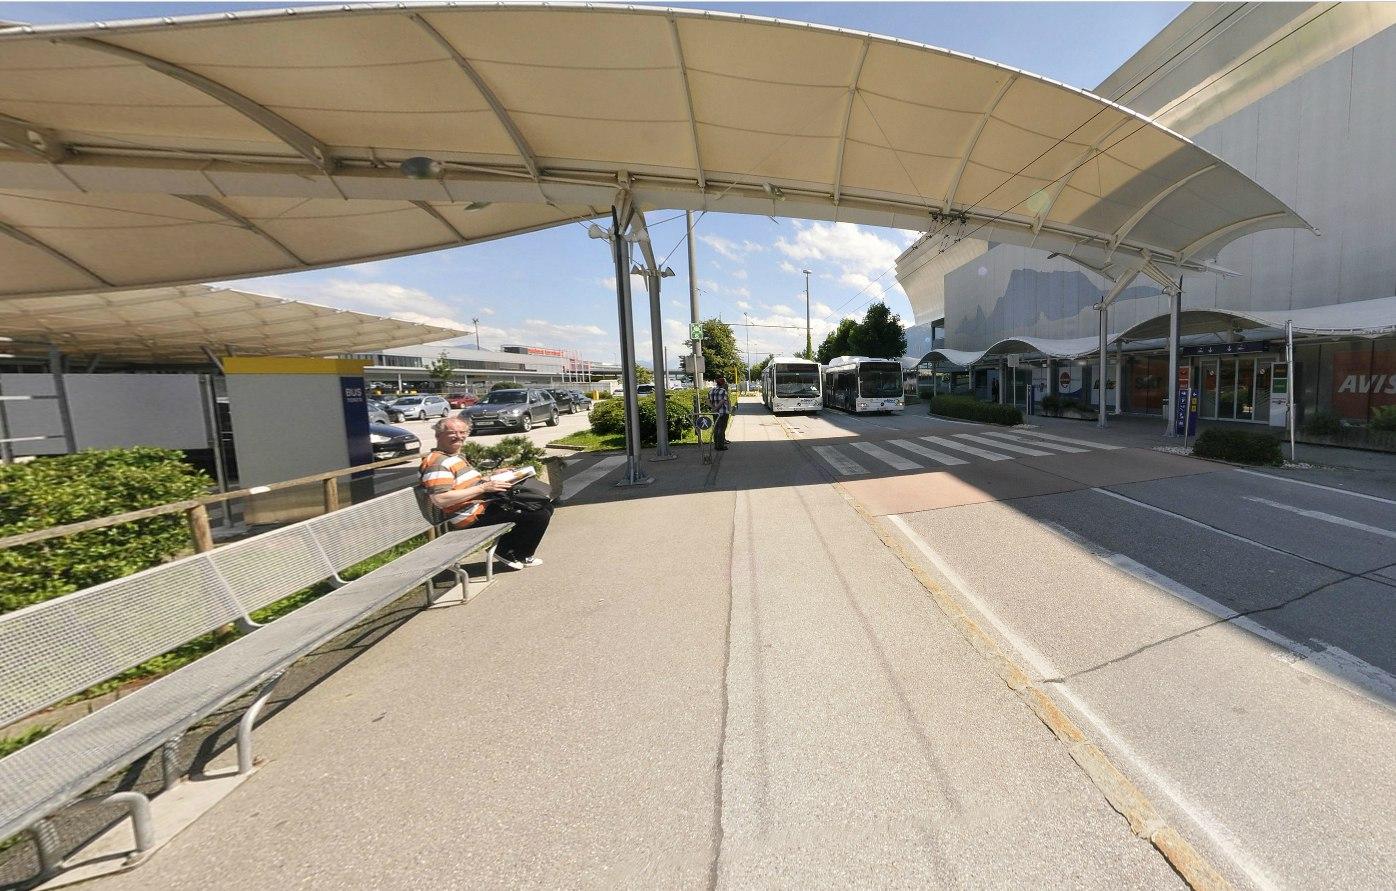 Остановка междугородних автобусов в аэропорту Зальцбурга